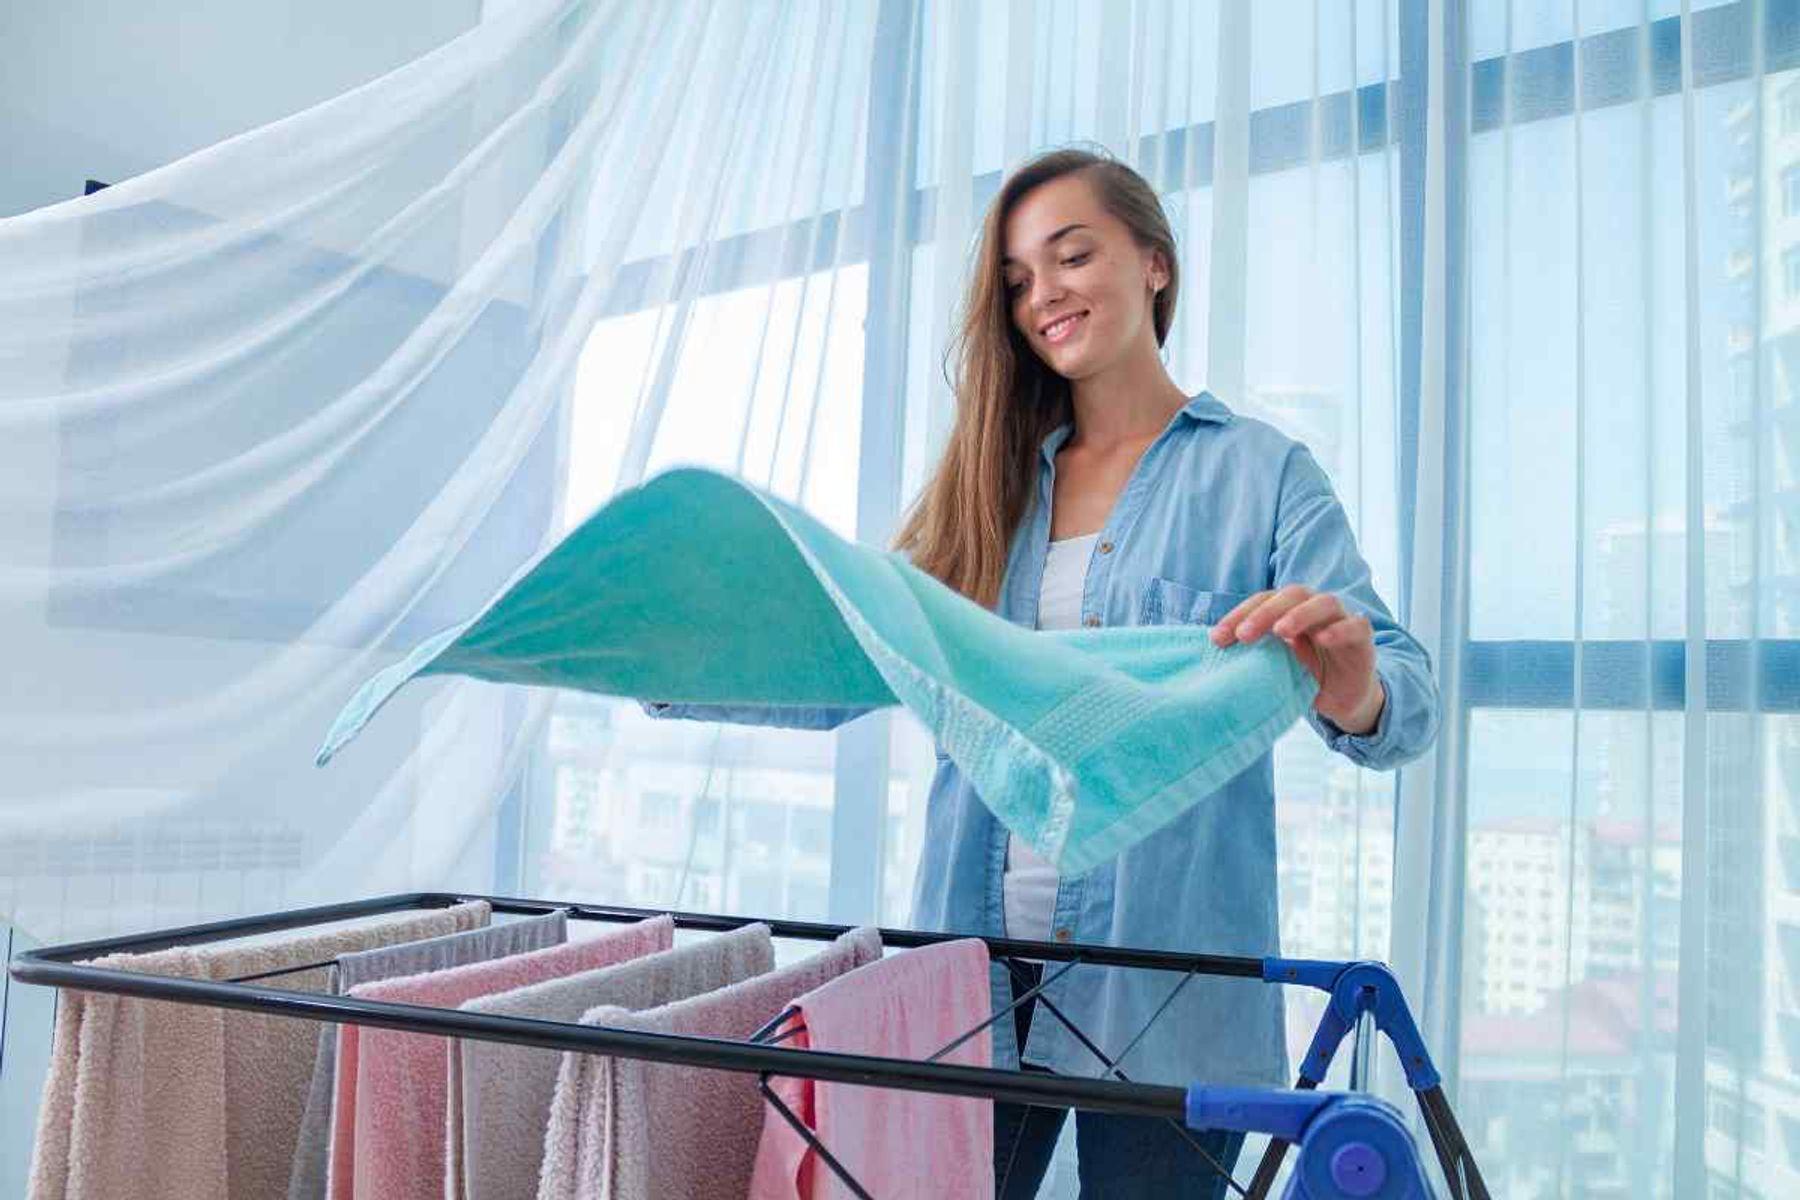 Giũ mạnh quần áo khi phơi để áo quần không bị nhắn và khô nhanh hơn